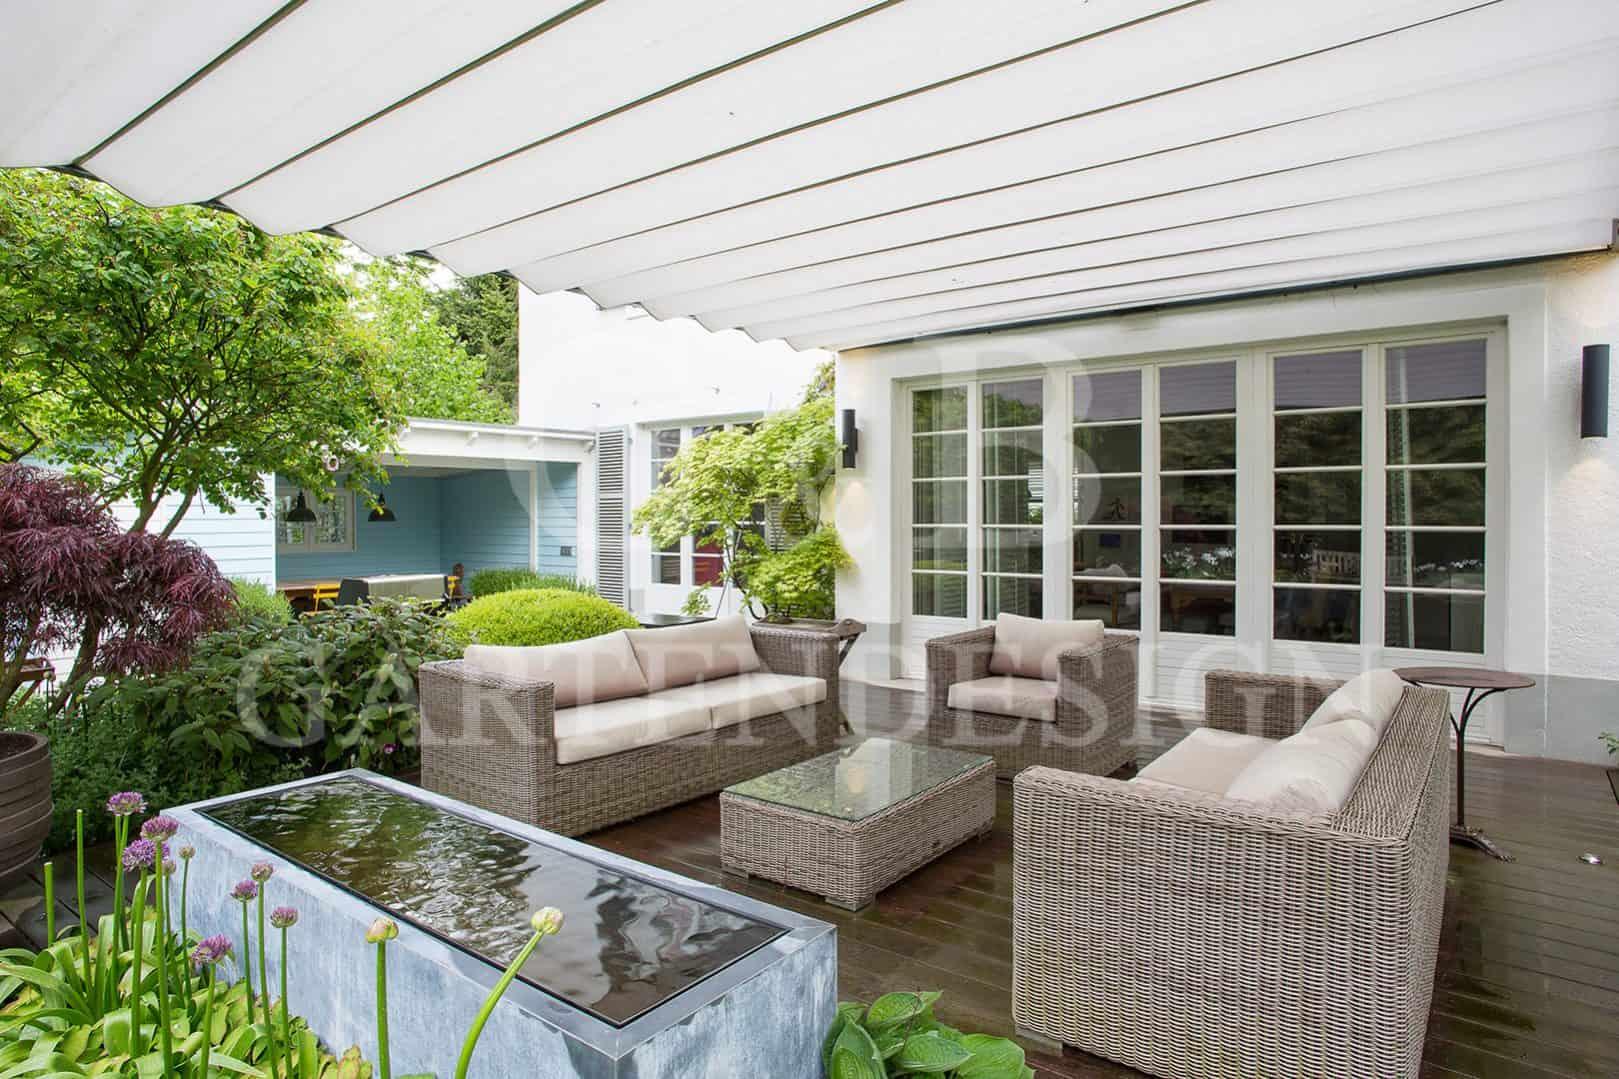 Privatg rten garten gestalten gempp gartendesign for Garten terrassengestaltung